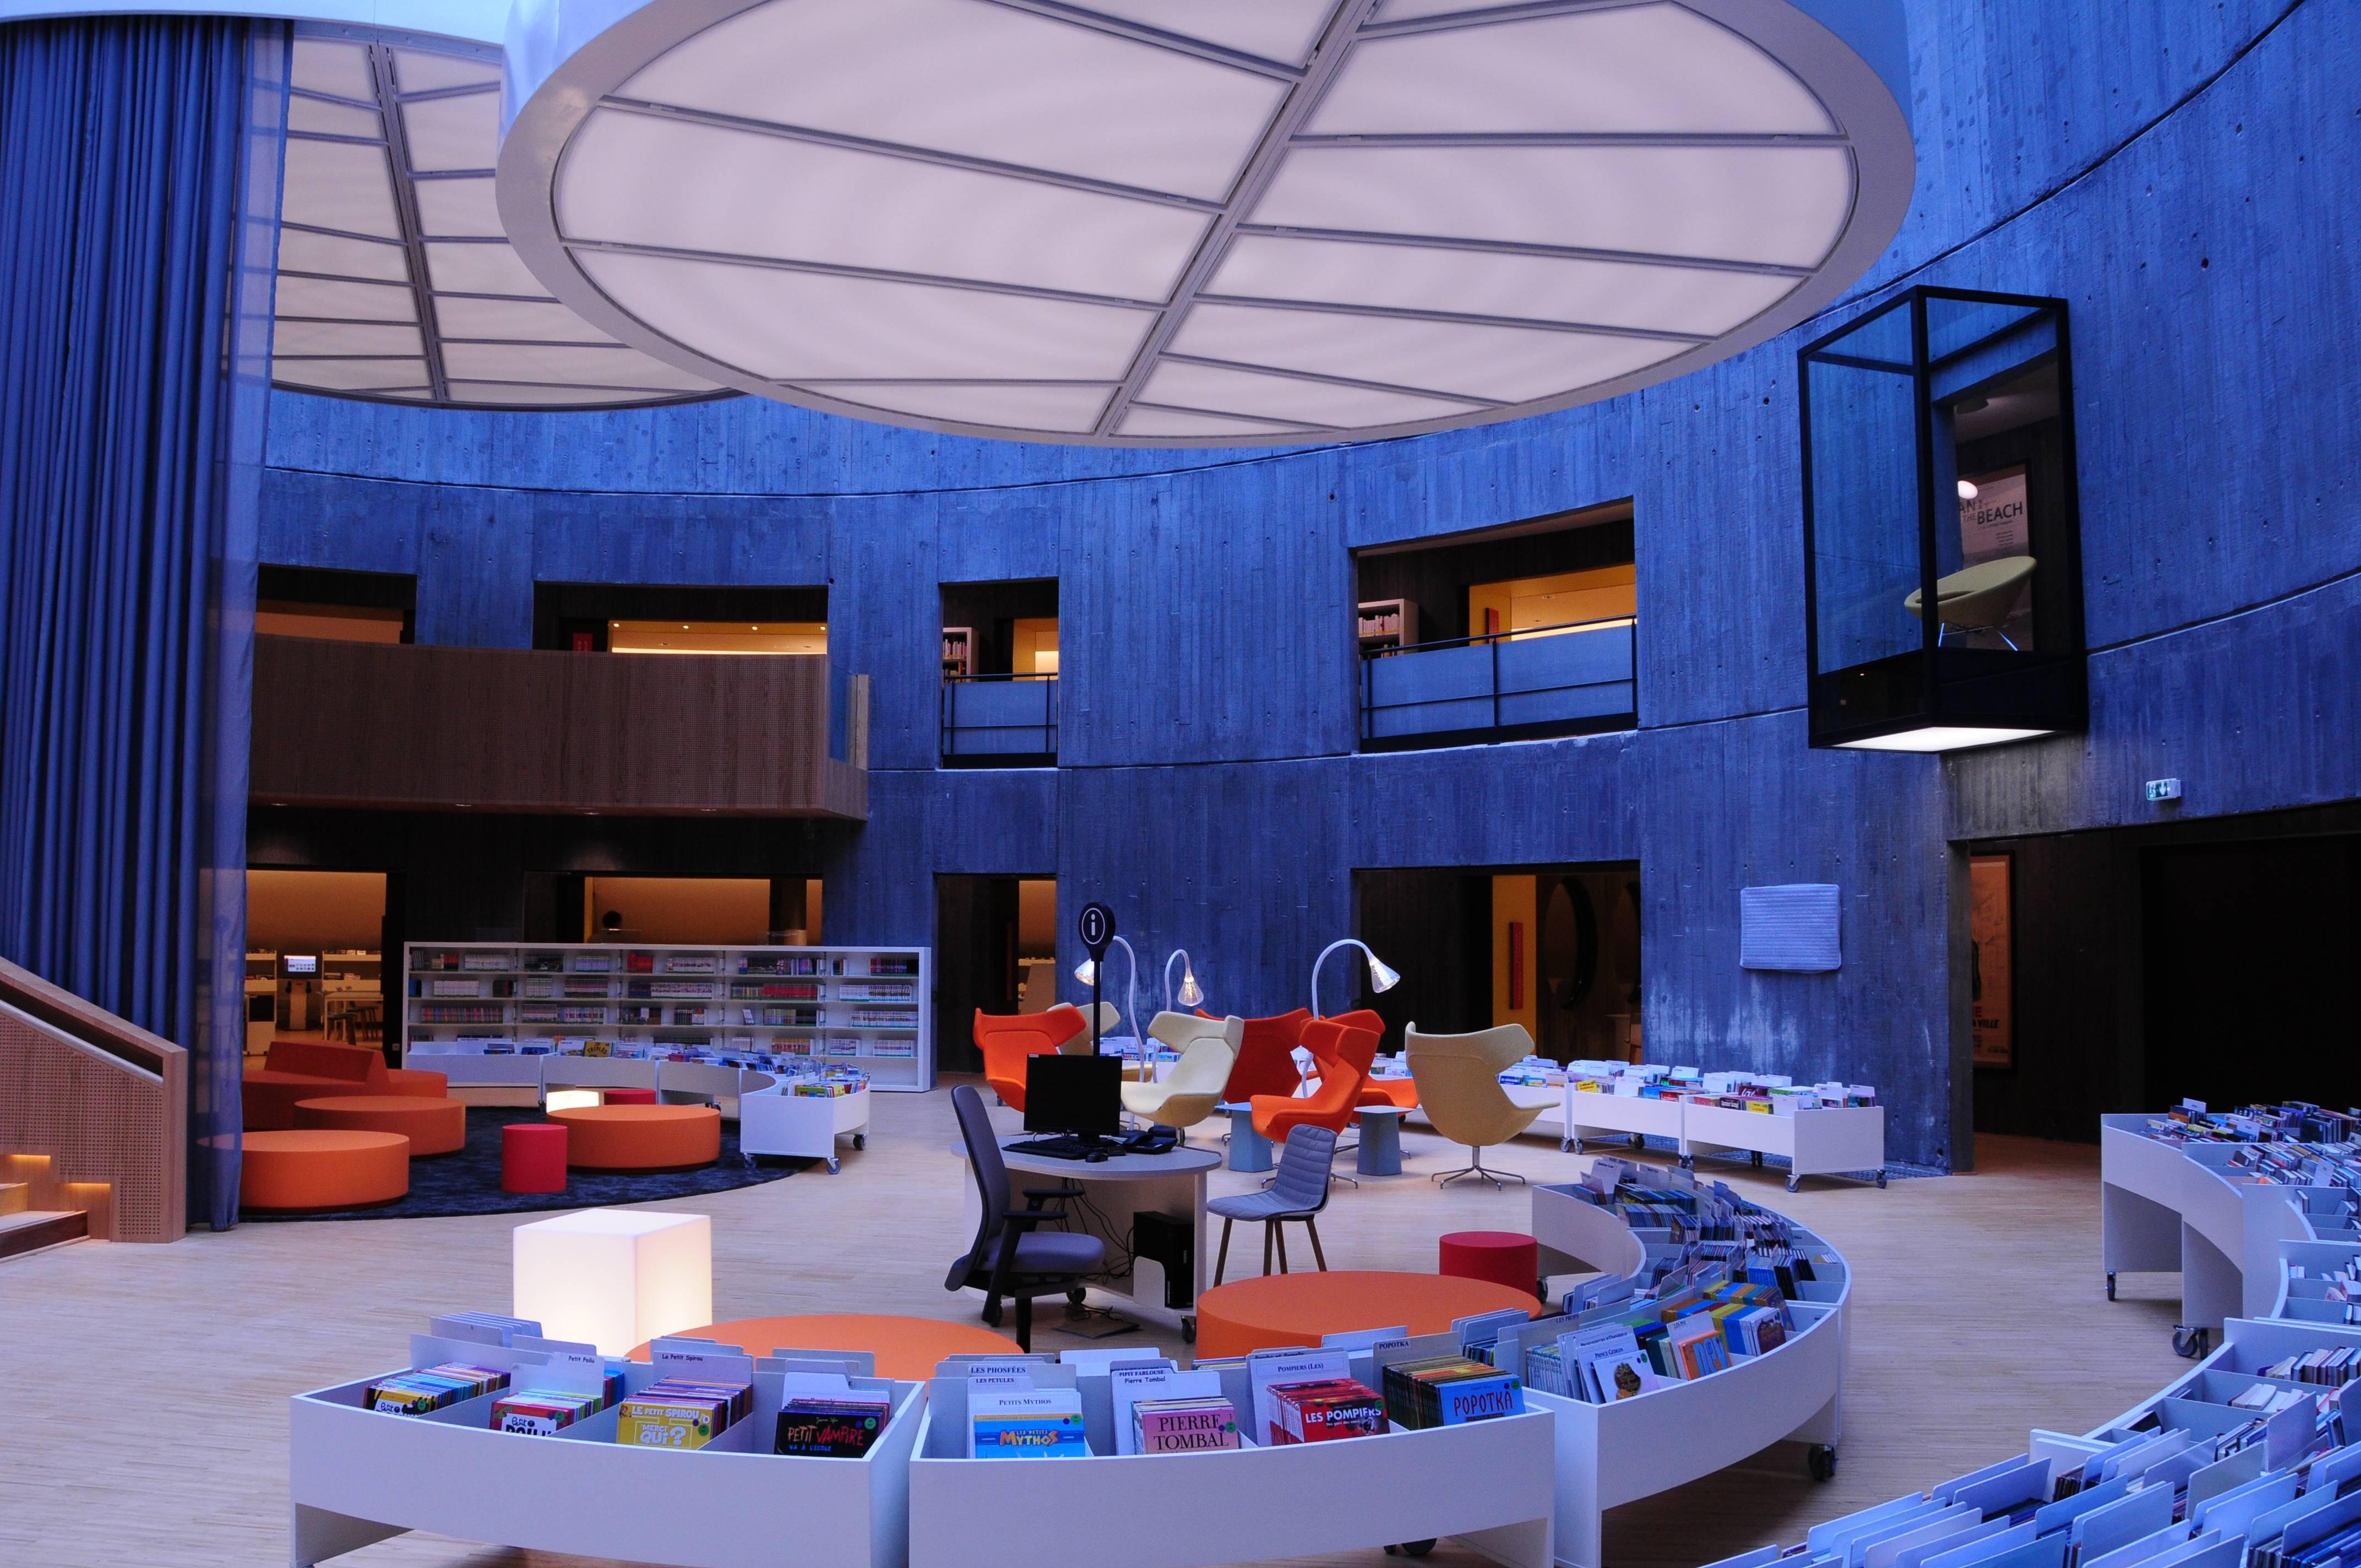 la biblioth que du havre s 39 habille en niemeyer archimag. Black Bedroom Furniture Sets. Home Design Ideas